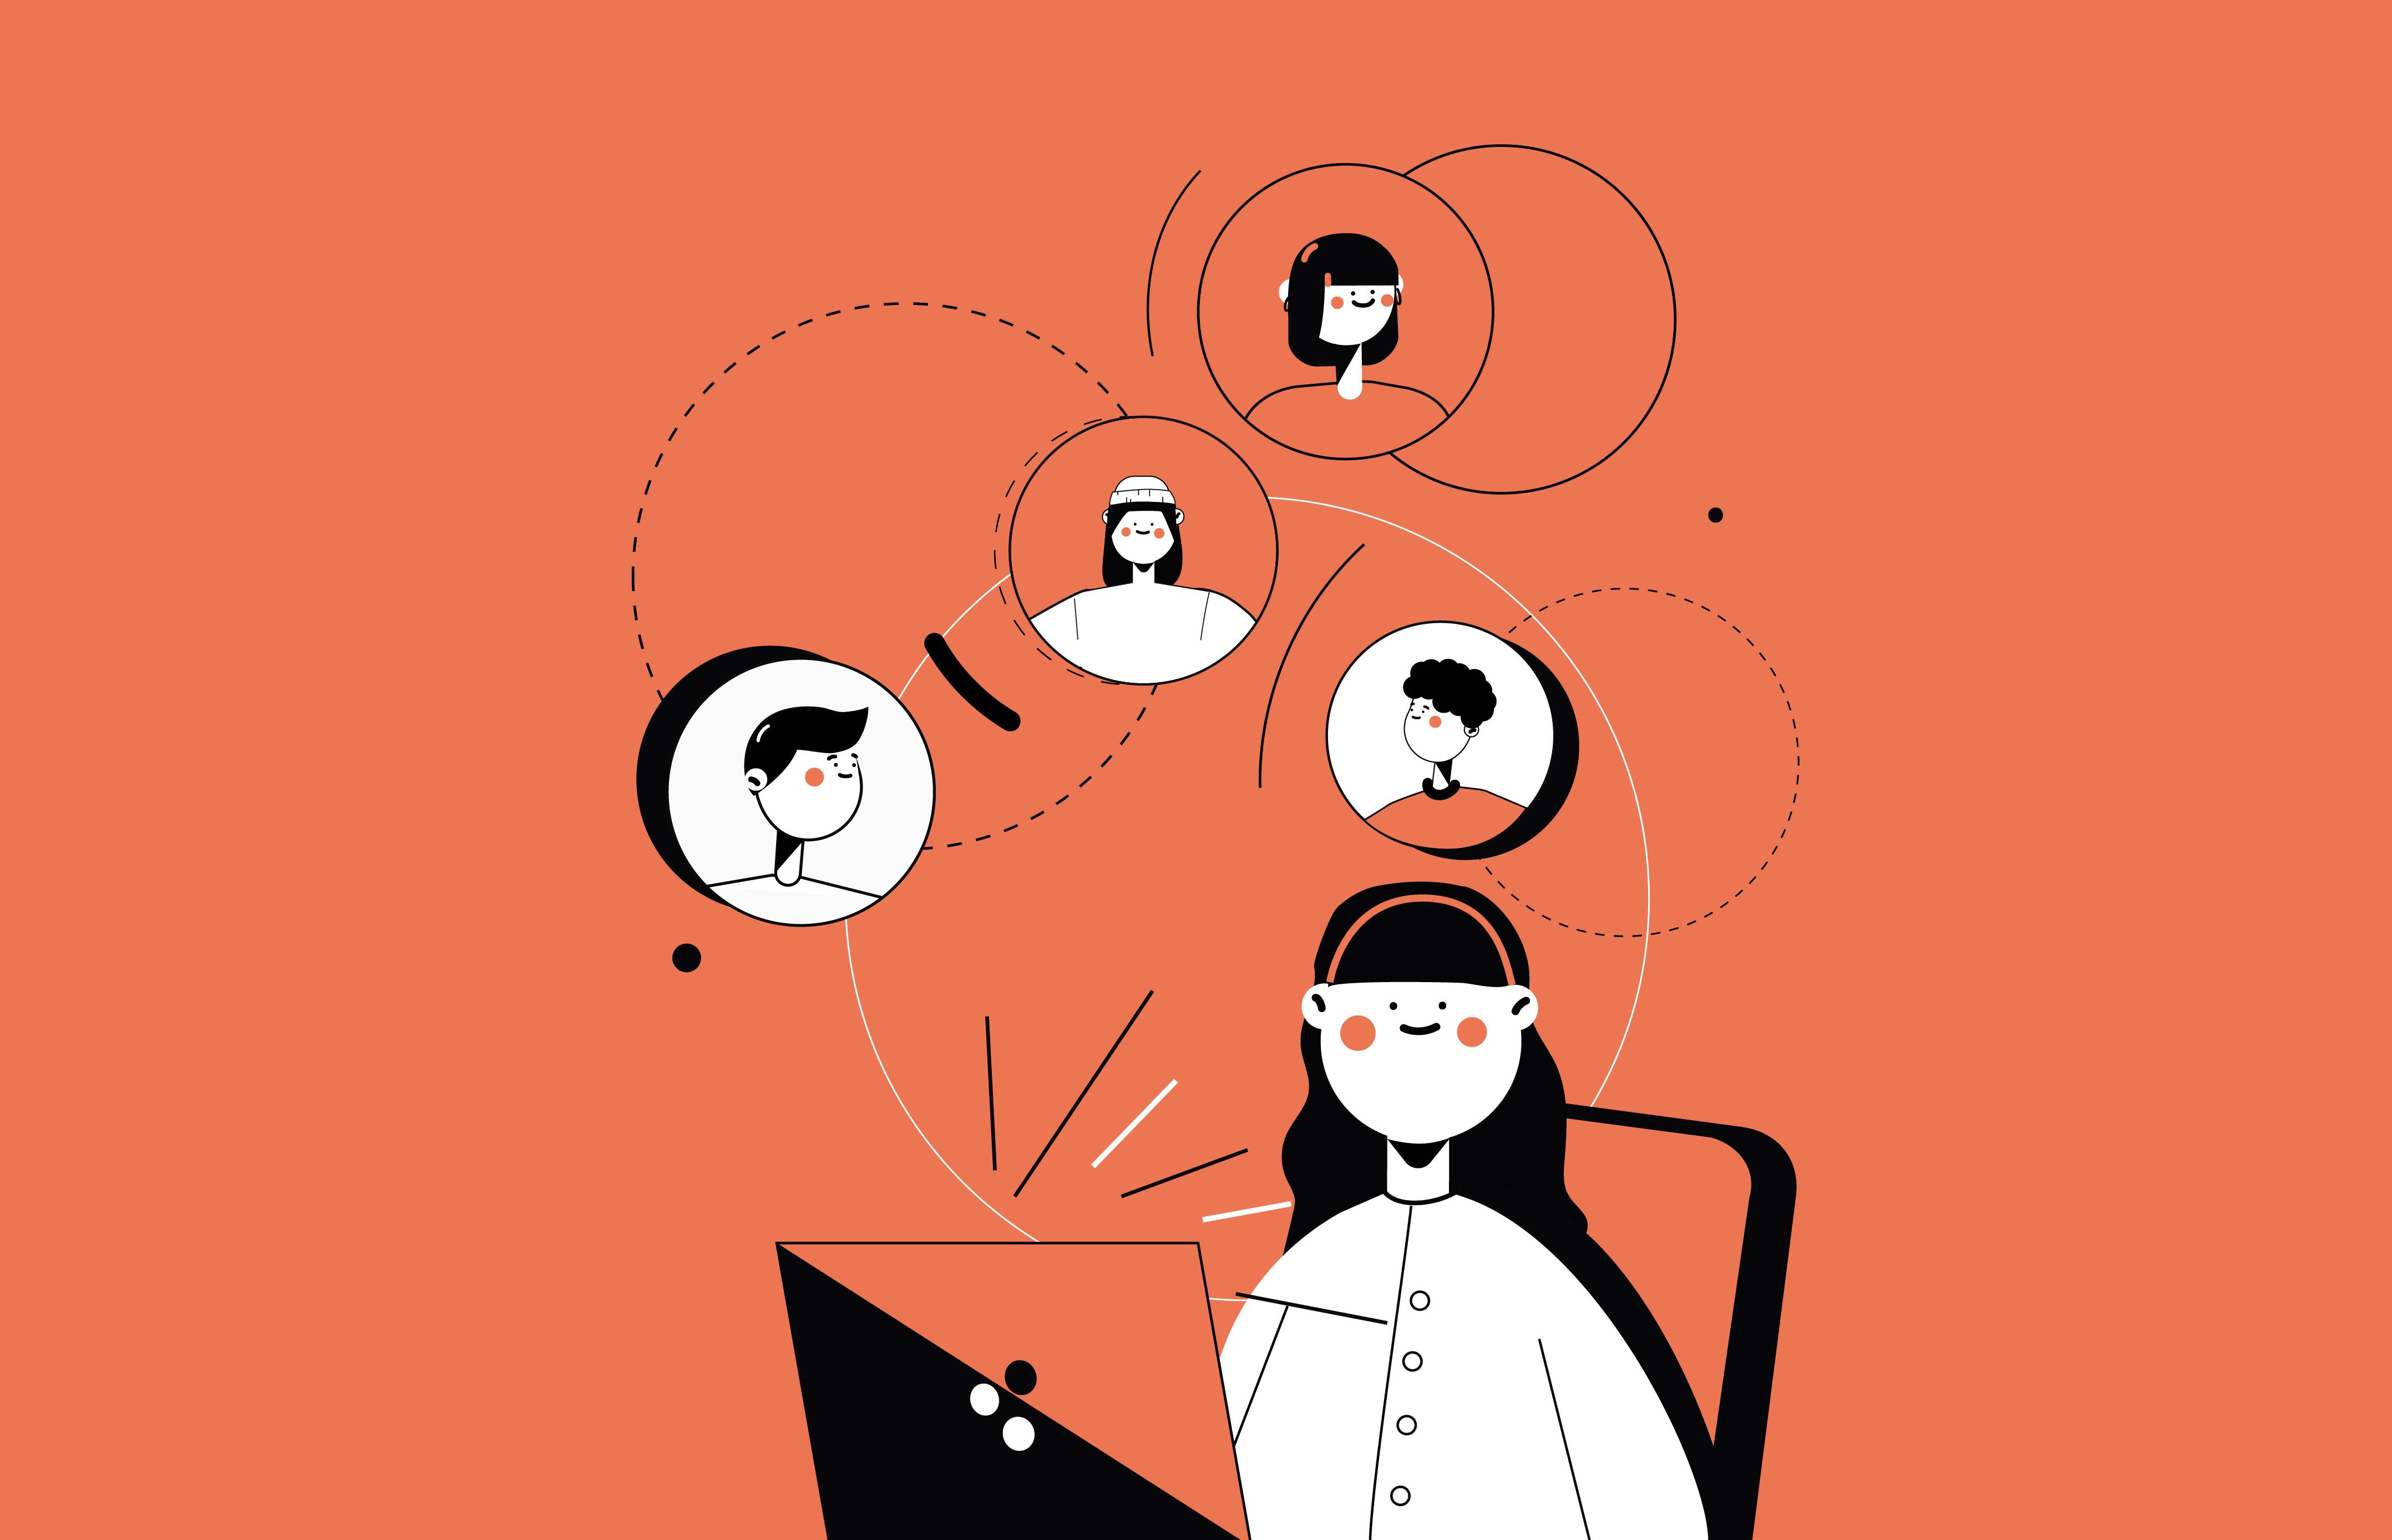 freelance community